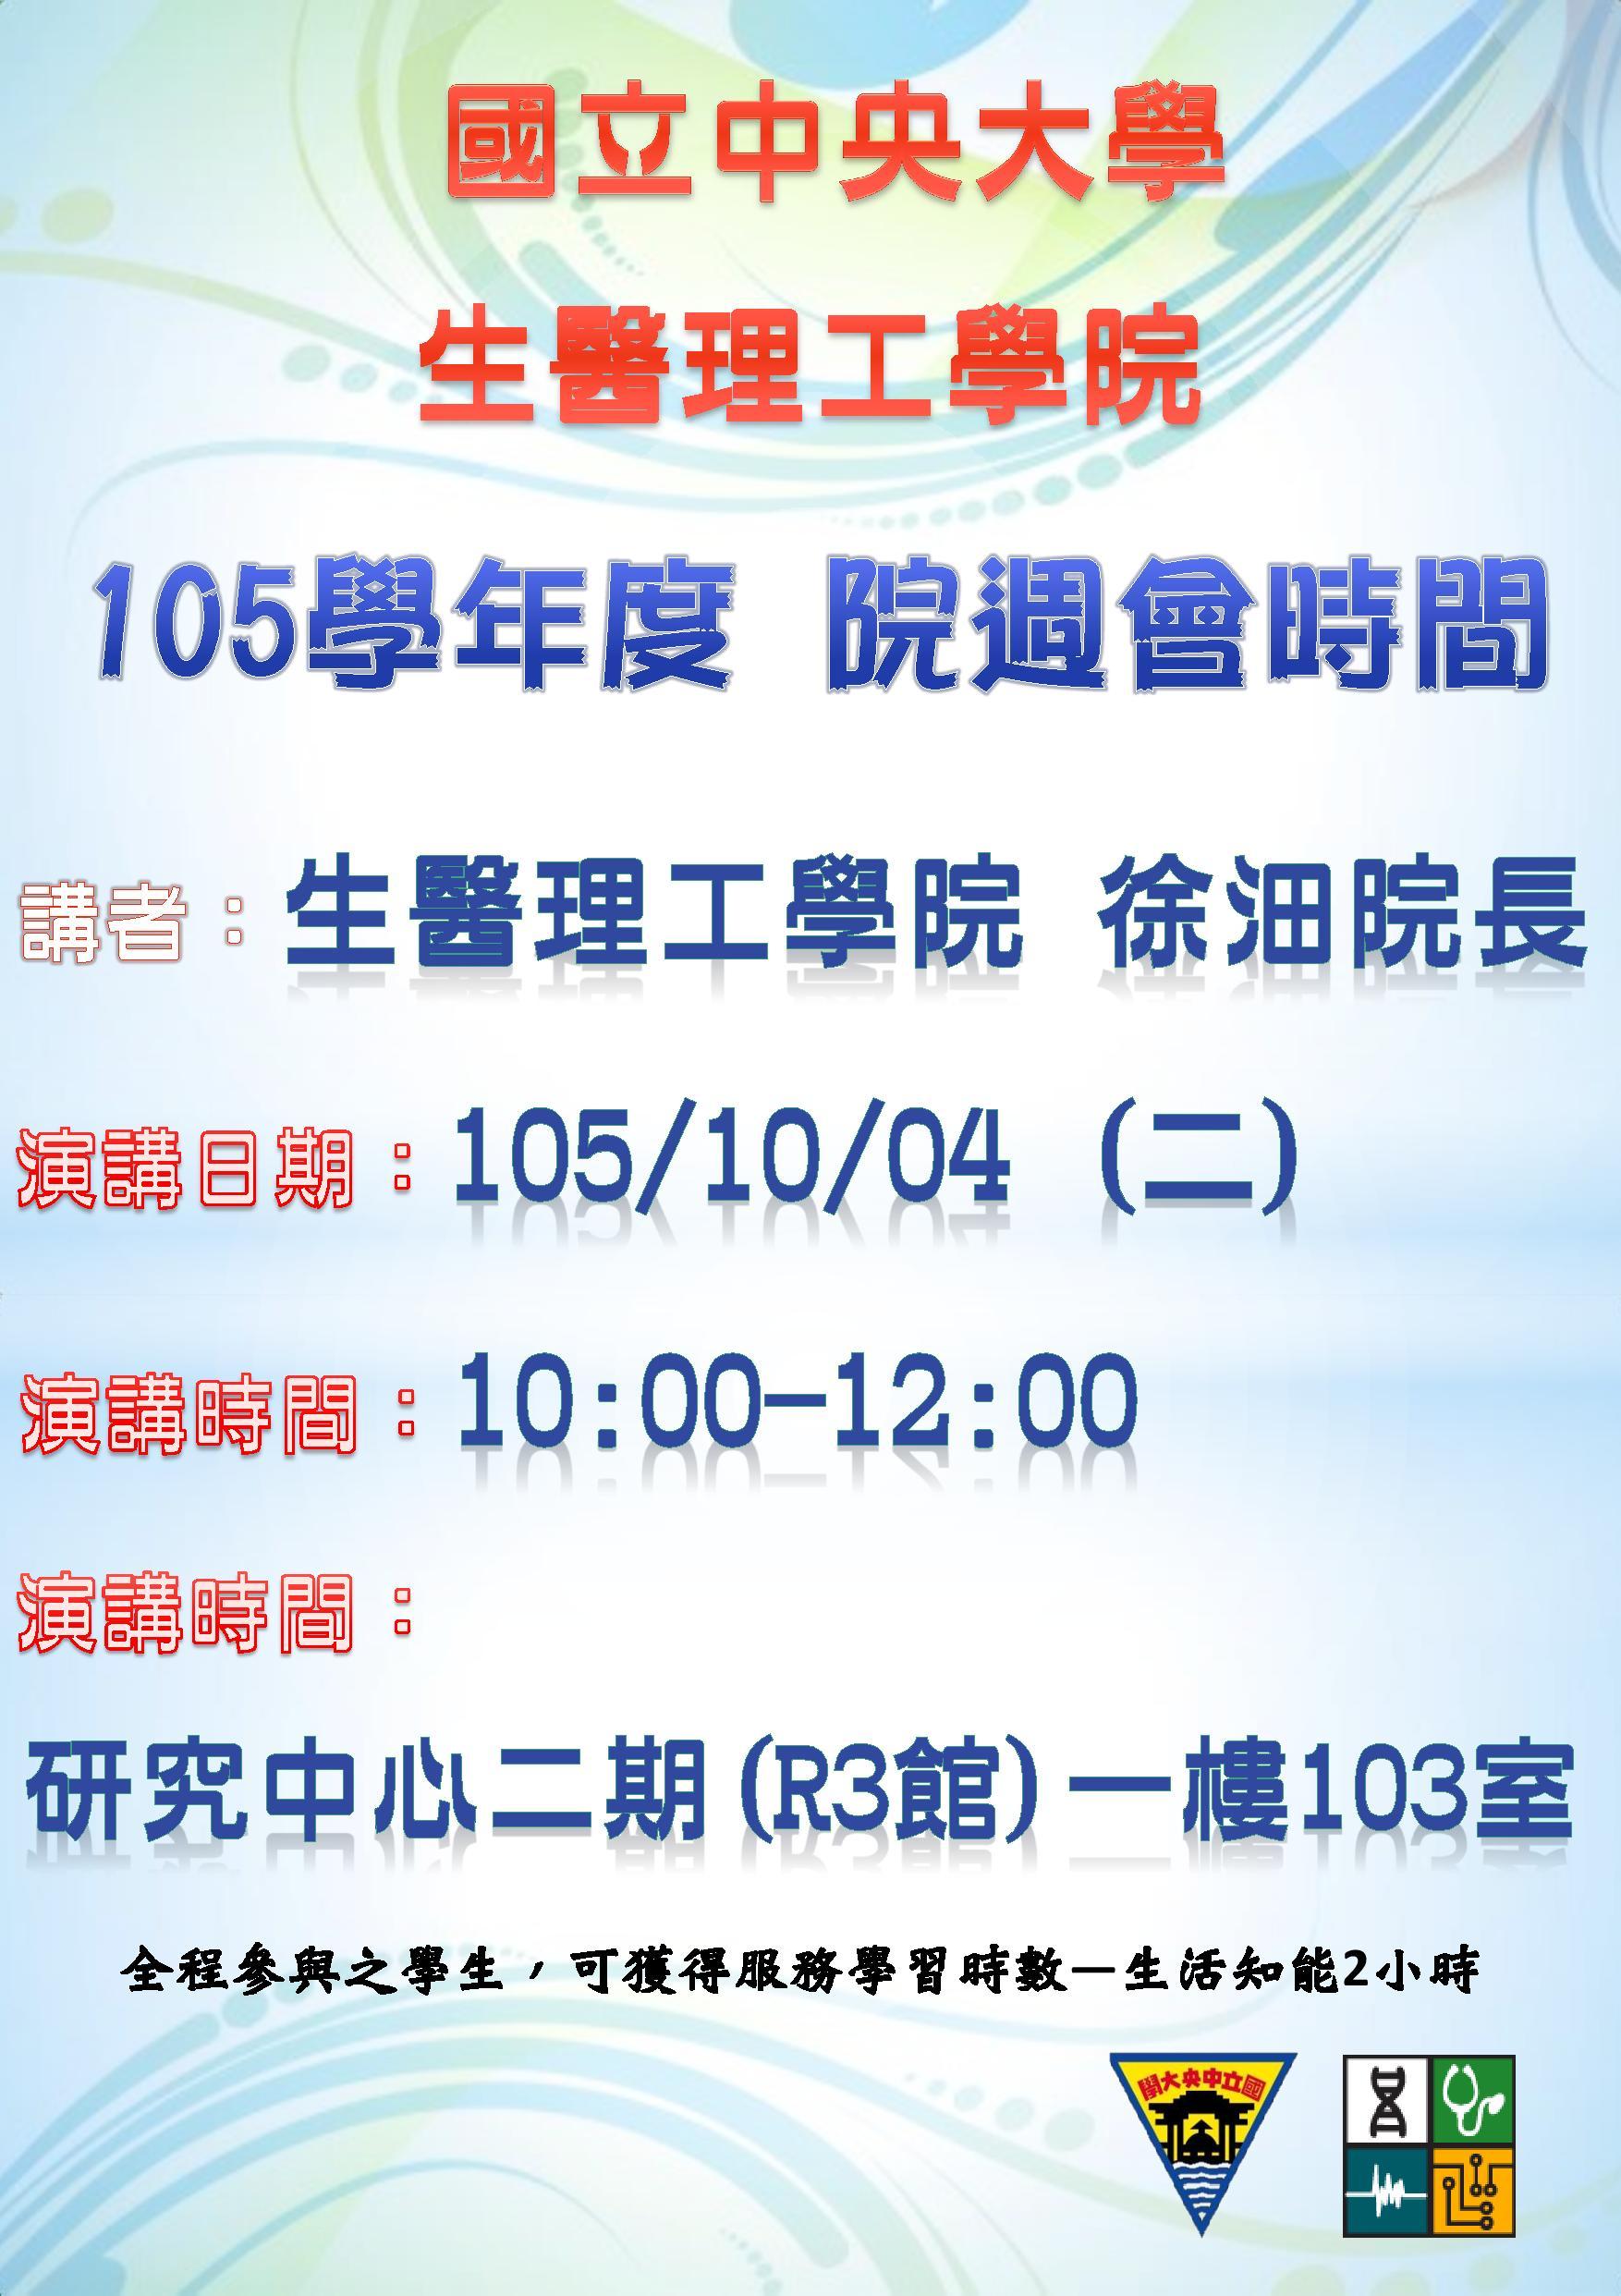 【學術演講】105-1 生醫理工學院院周會